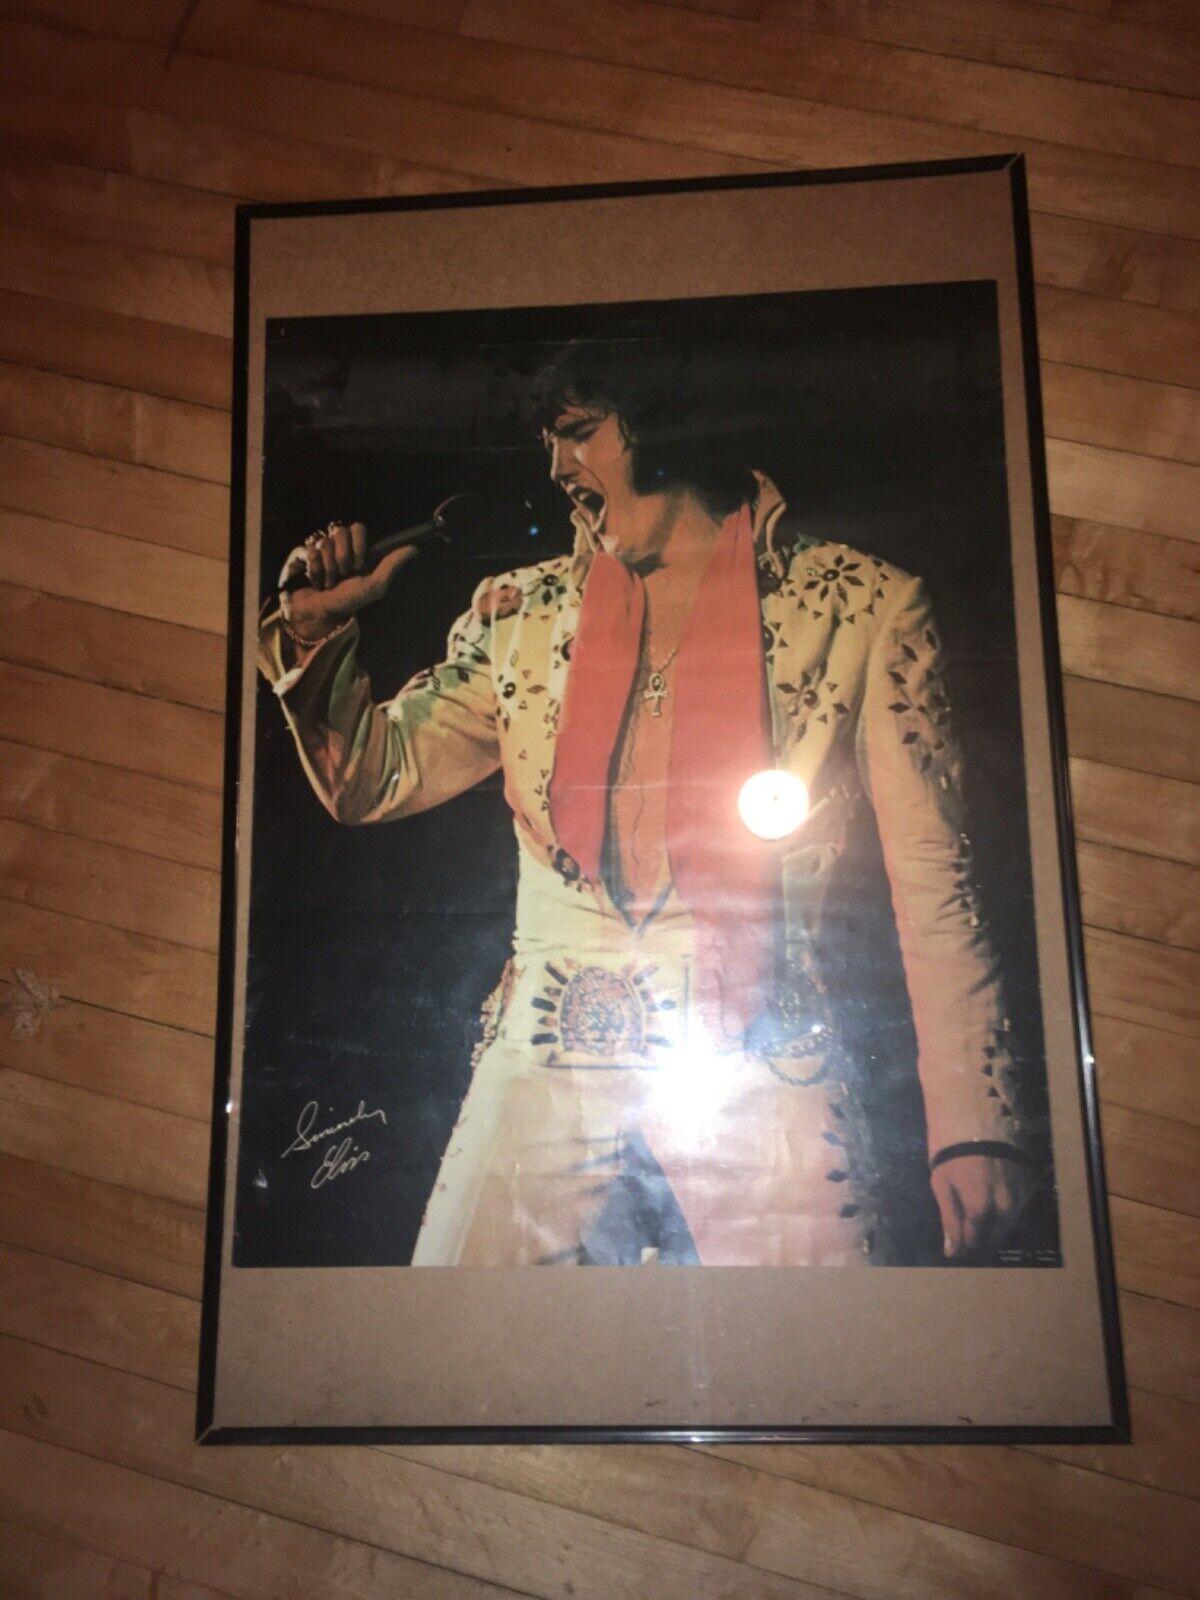 1972 Elvis Presley Souvenir All Star Shows Concert Poster Sincerely Elvis  - $99.99